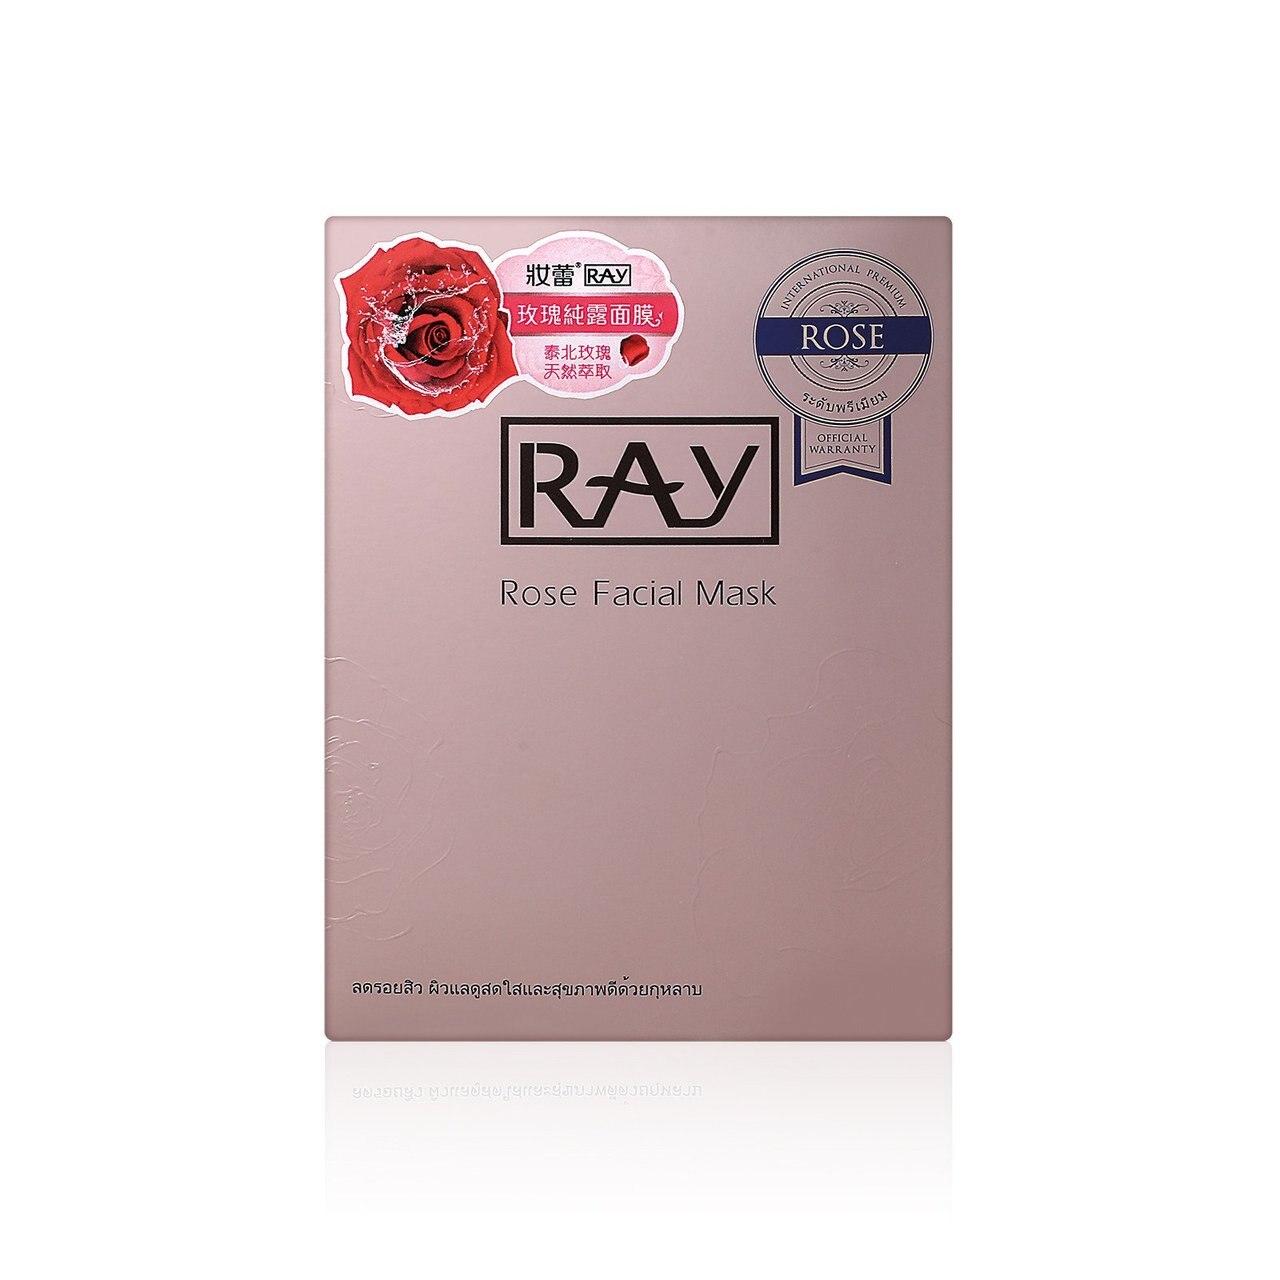 Ray Rose Facial Mask